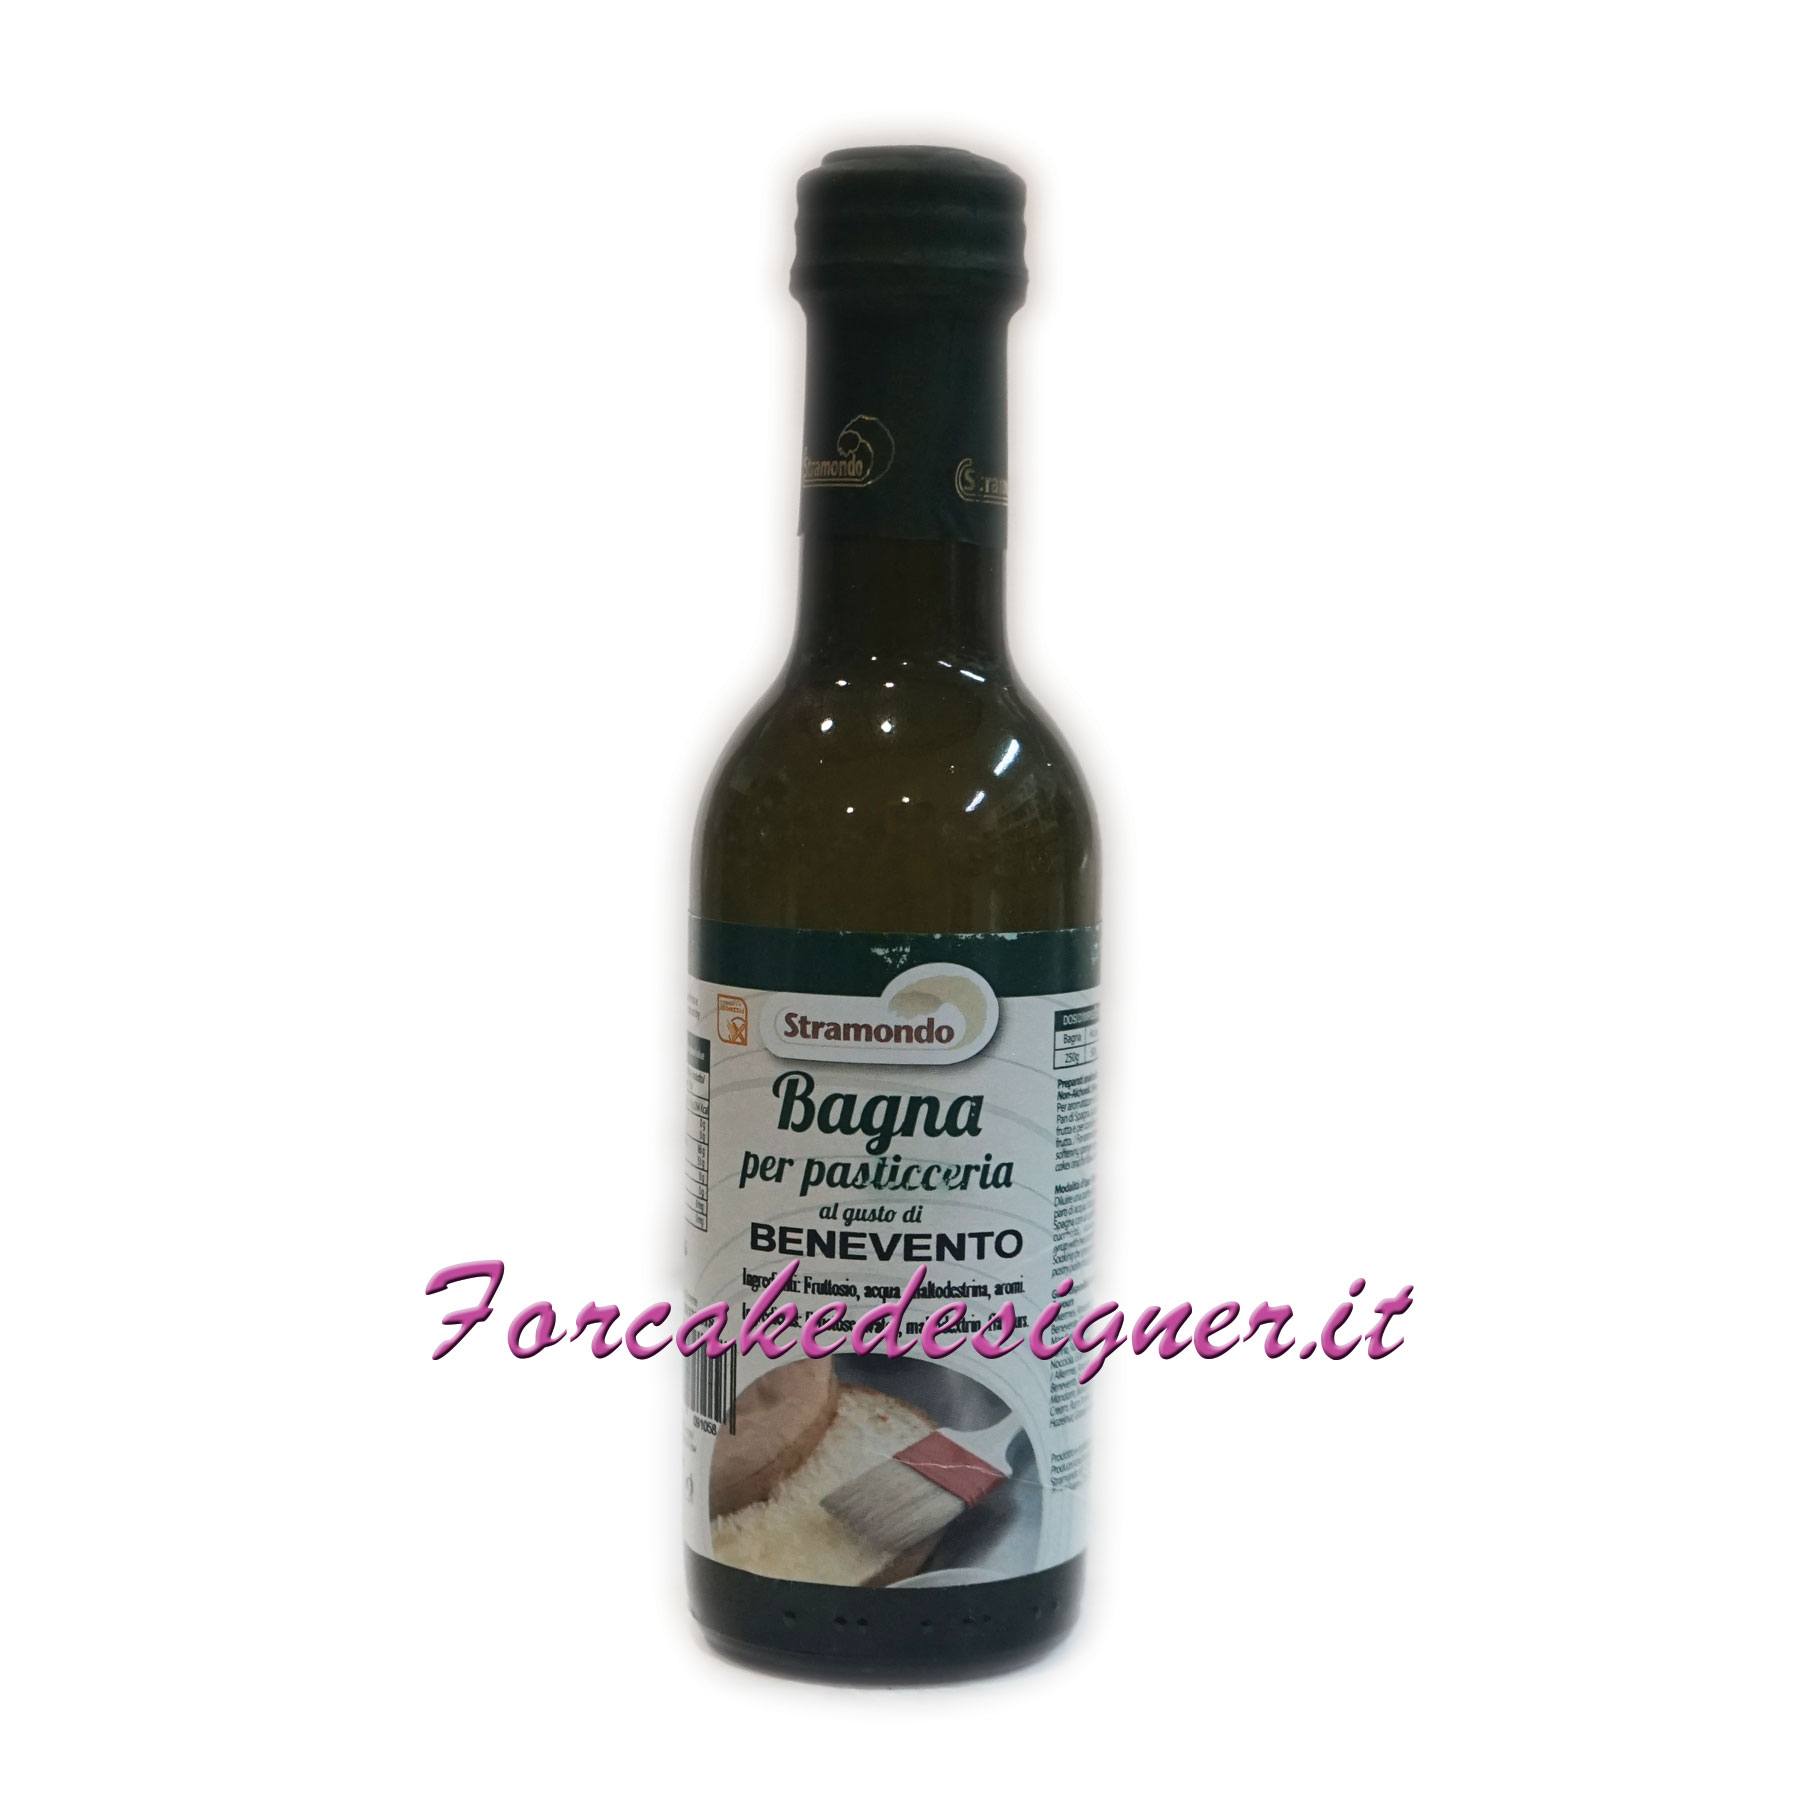 Stramondo - Bagna Analcolica per Torta gusto Benevento 250 gr